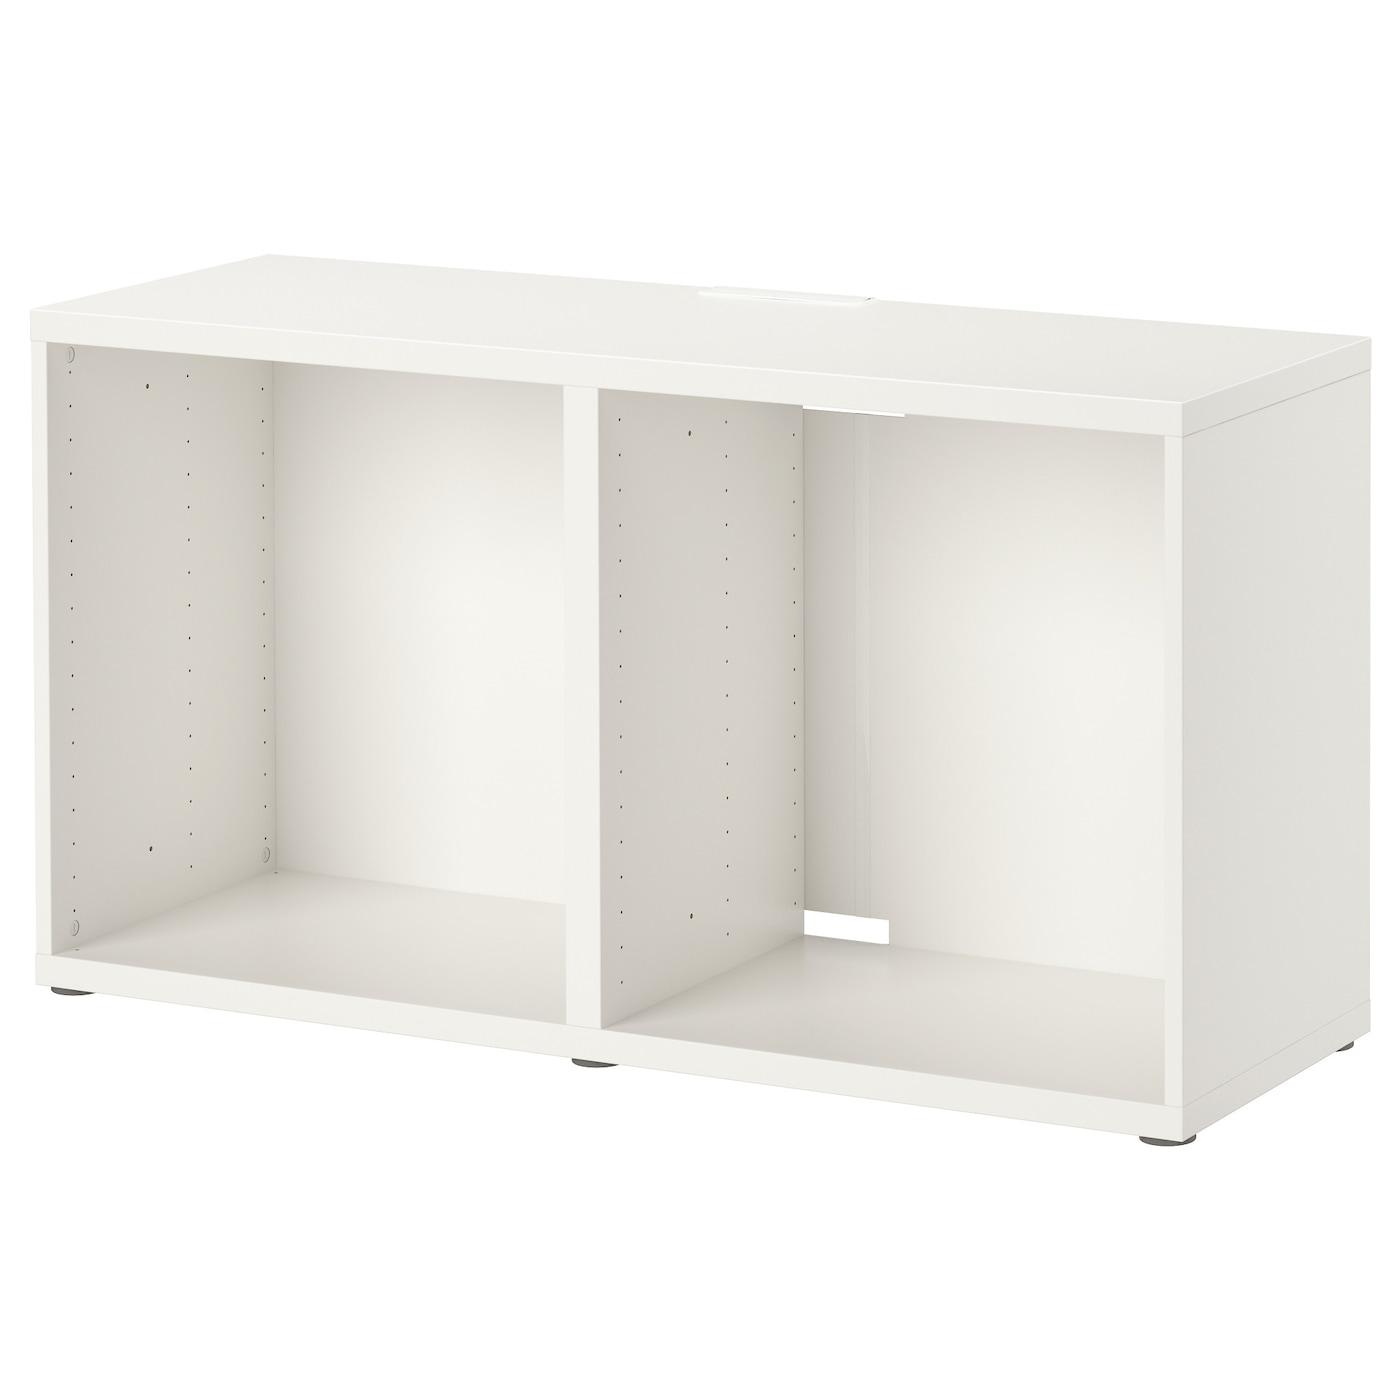 BYÅS TV-Bank - IKEA